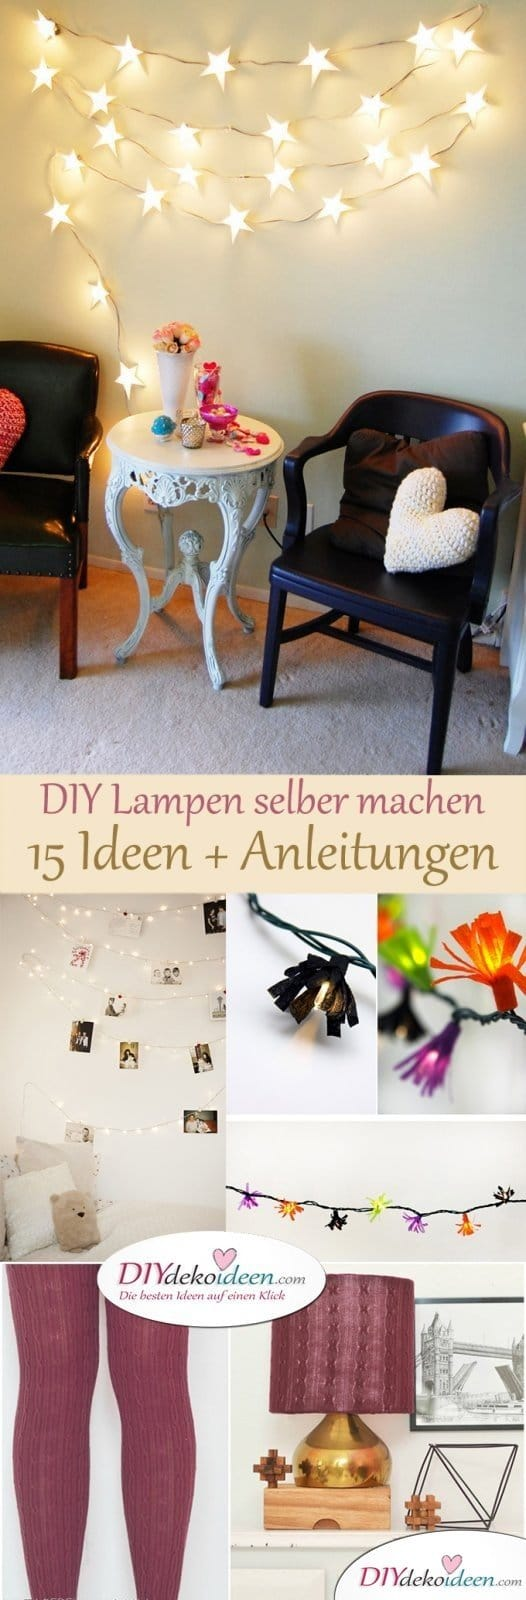 DIY Lampen selber machen - die 15 schönsten Bastelideen für dein Zimmer